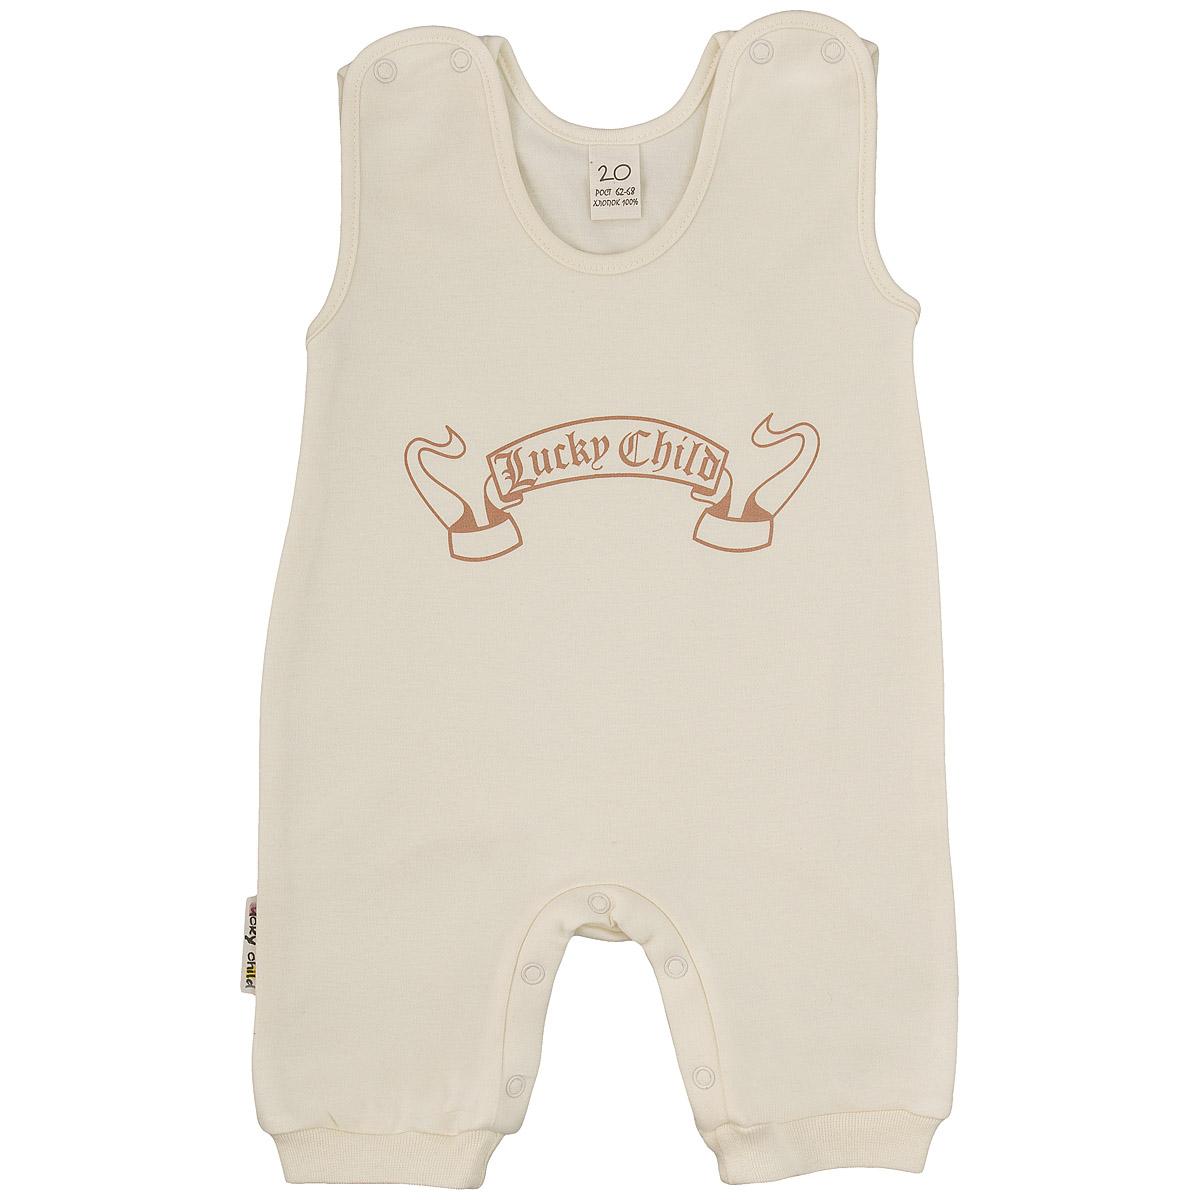 Ползунки6-27Ползунки-шорты с грудкой Lucky Child - очень удобный и практичный вид одежды для малышей. Они отлично сочетаются с футболками и кофточками. Ползунки выполнены из интерлока - натурального хлопка, благодаря чему они необычайно мягкие и приятные на ощупь, не раздражают нежную кожу ребенка и хорошо вентилируются, а эластичные швы приятны телу малыша и не препятствуют его движениям. Ползунки-шорты без ножек, застегивающиеся сверху на кнопки, идеально подойдут вашему малышу, обеспечивая ему наибольший комфорт, подходят для ношения с подгузником и без него. Кнопки на ластовице помогают легко и без труда поменять подгузник в течение дня. Оформлены ползунки принтом в виде надписи Lucky Child. Ползунки-шорты с грудкой полностью соответствуют особенностям жизни малыша в ранний период, не стесняя и не ограничивая его в движениях!